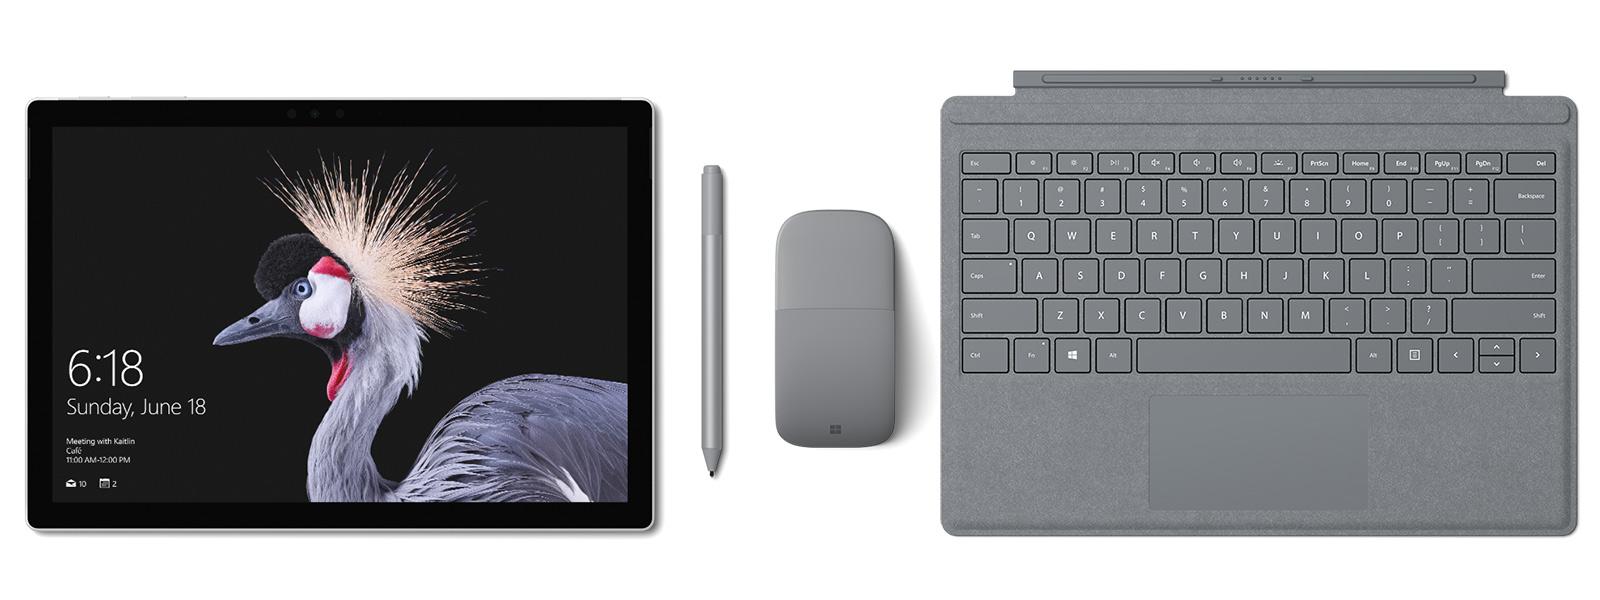 Imagem do Surface Pro com Capa Teclado Signature para Surface Pro, Caneta para Surface e Surface Arc Mouse em platina. Inclui uma Caneta para Surface.